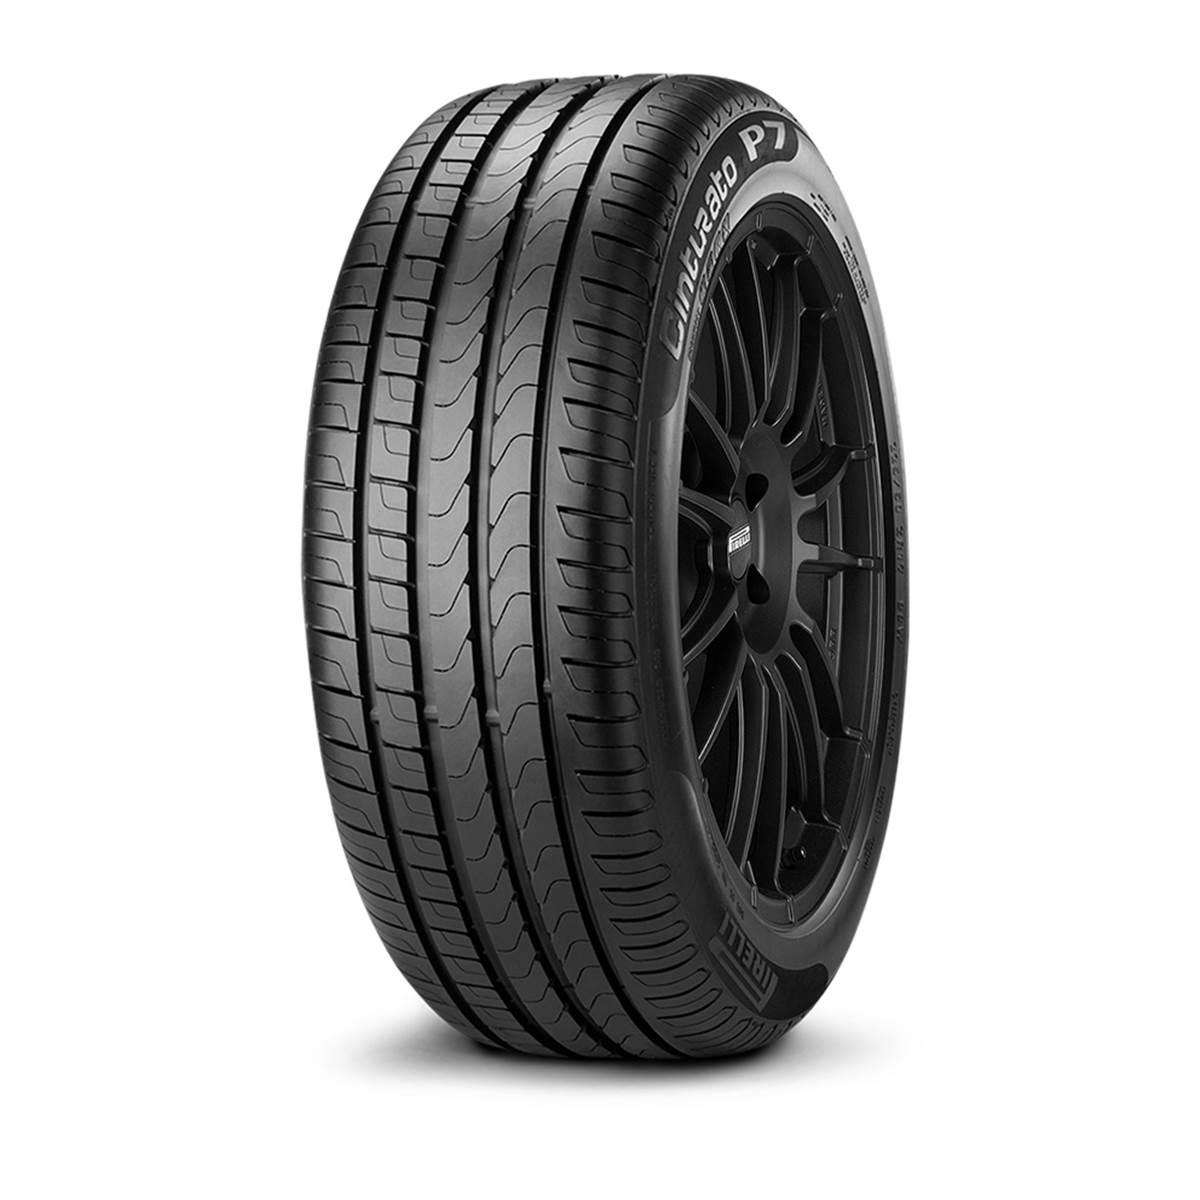 Pneu Pirelli 245/40R18 97Y Cinturato P7 XL